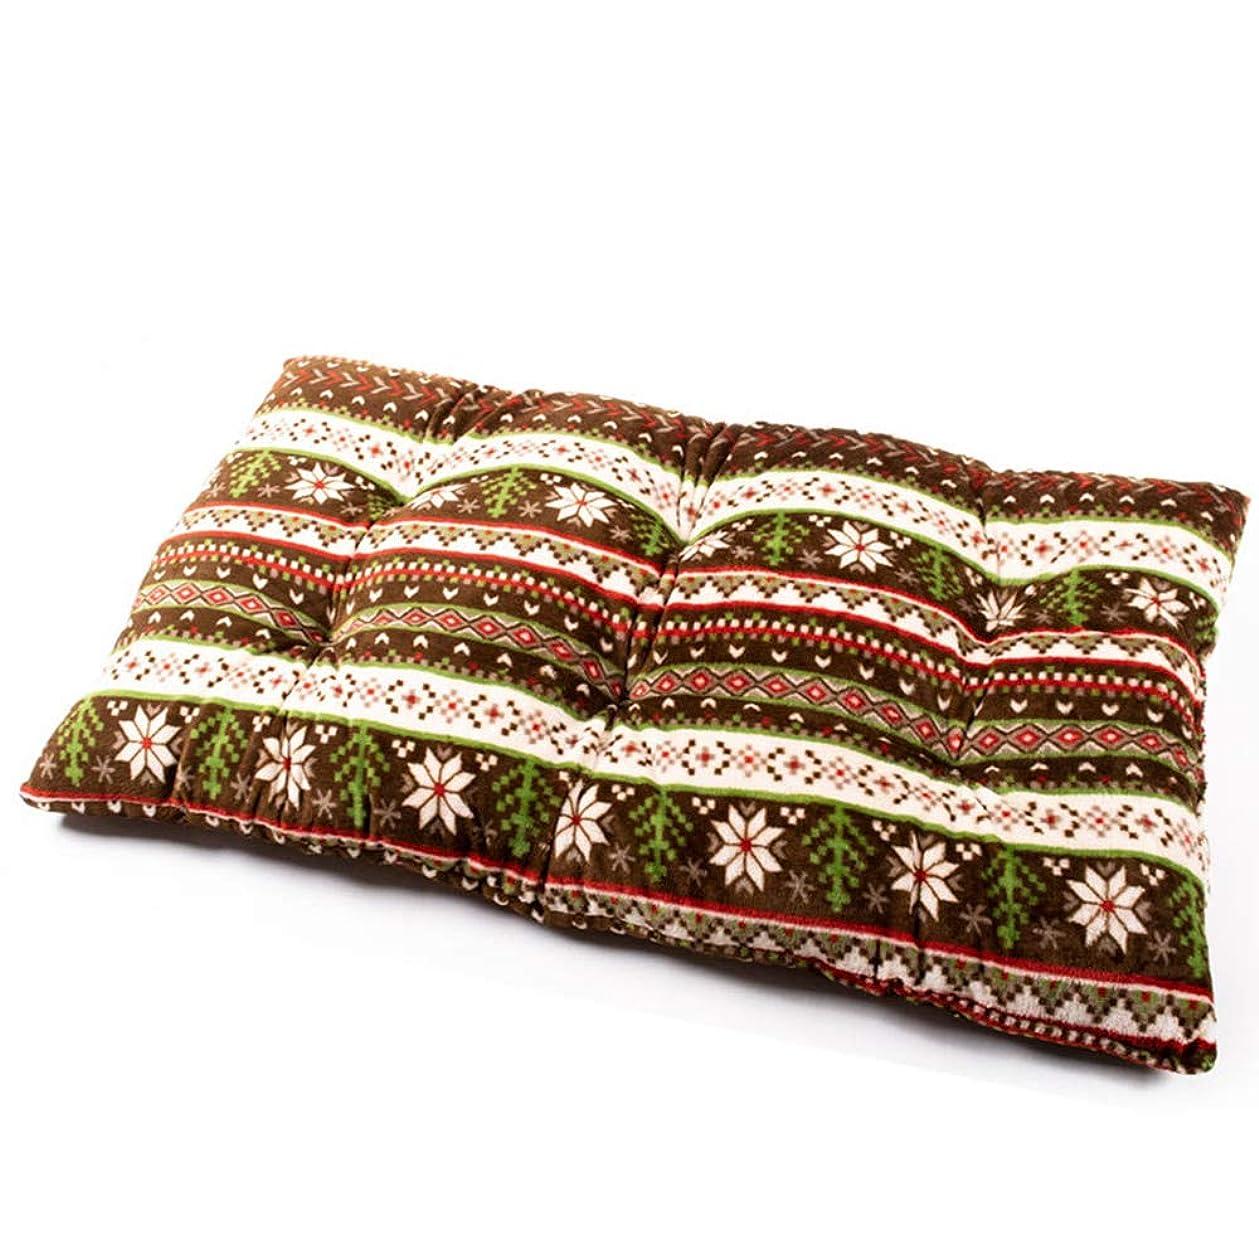 ラショナル枕例示するあったか ロングクッション かわいい「fucca」 スノー ブラウン 長座布団 フランネル 冬 ごろ寝 フロアクッション 68×120cm